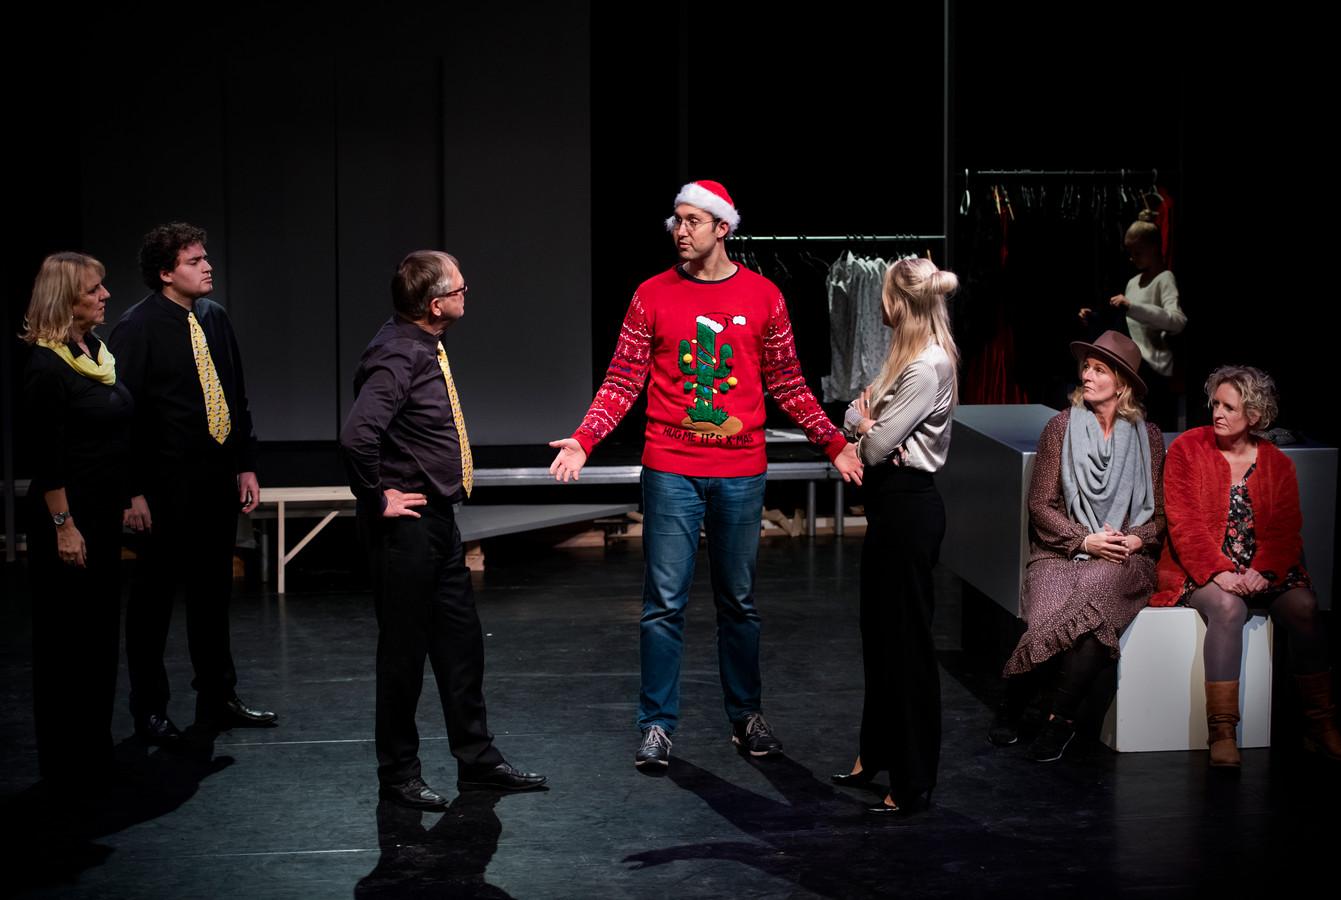 Acteurs van het Productiehuis Alphen die aan het oefenen zijn in het Parkvilla Theater in Alphen voor een voorstelling die met kerst komt voor 30 man, coronaproof.